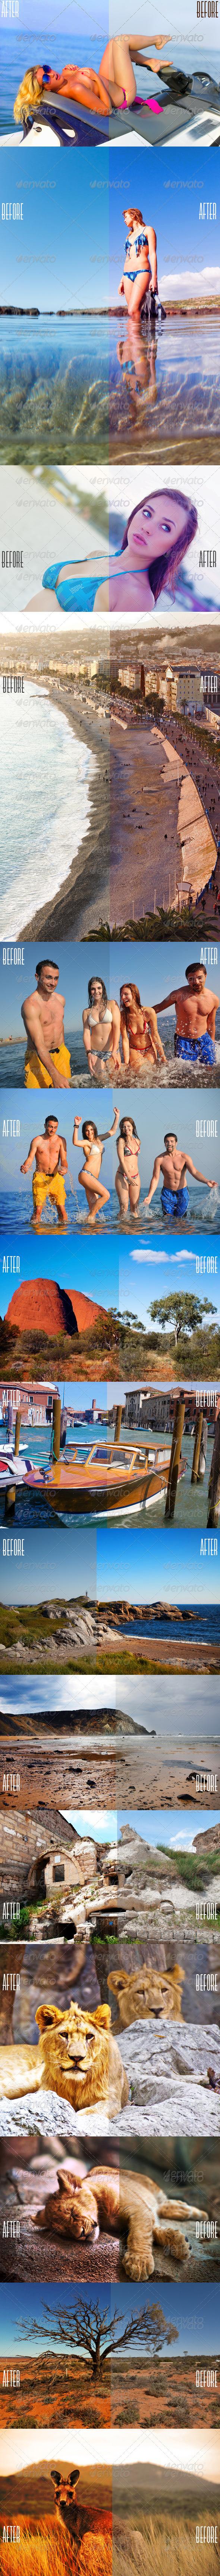 GraphicRiver Photoshop Color Enhance Pro 4934190